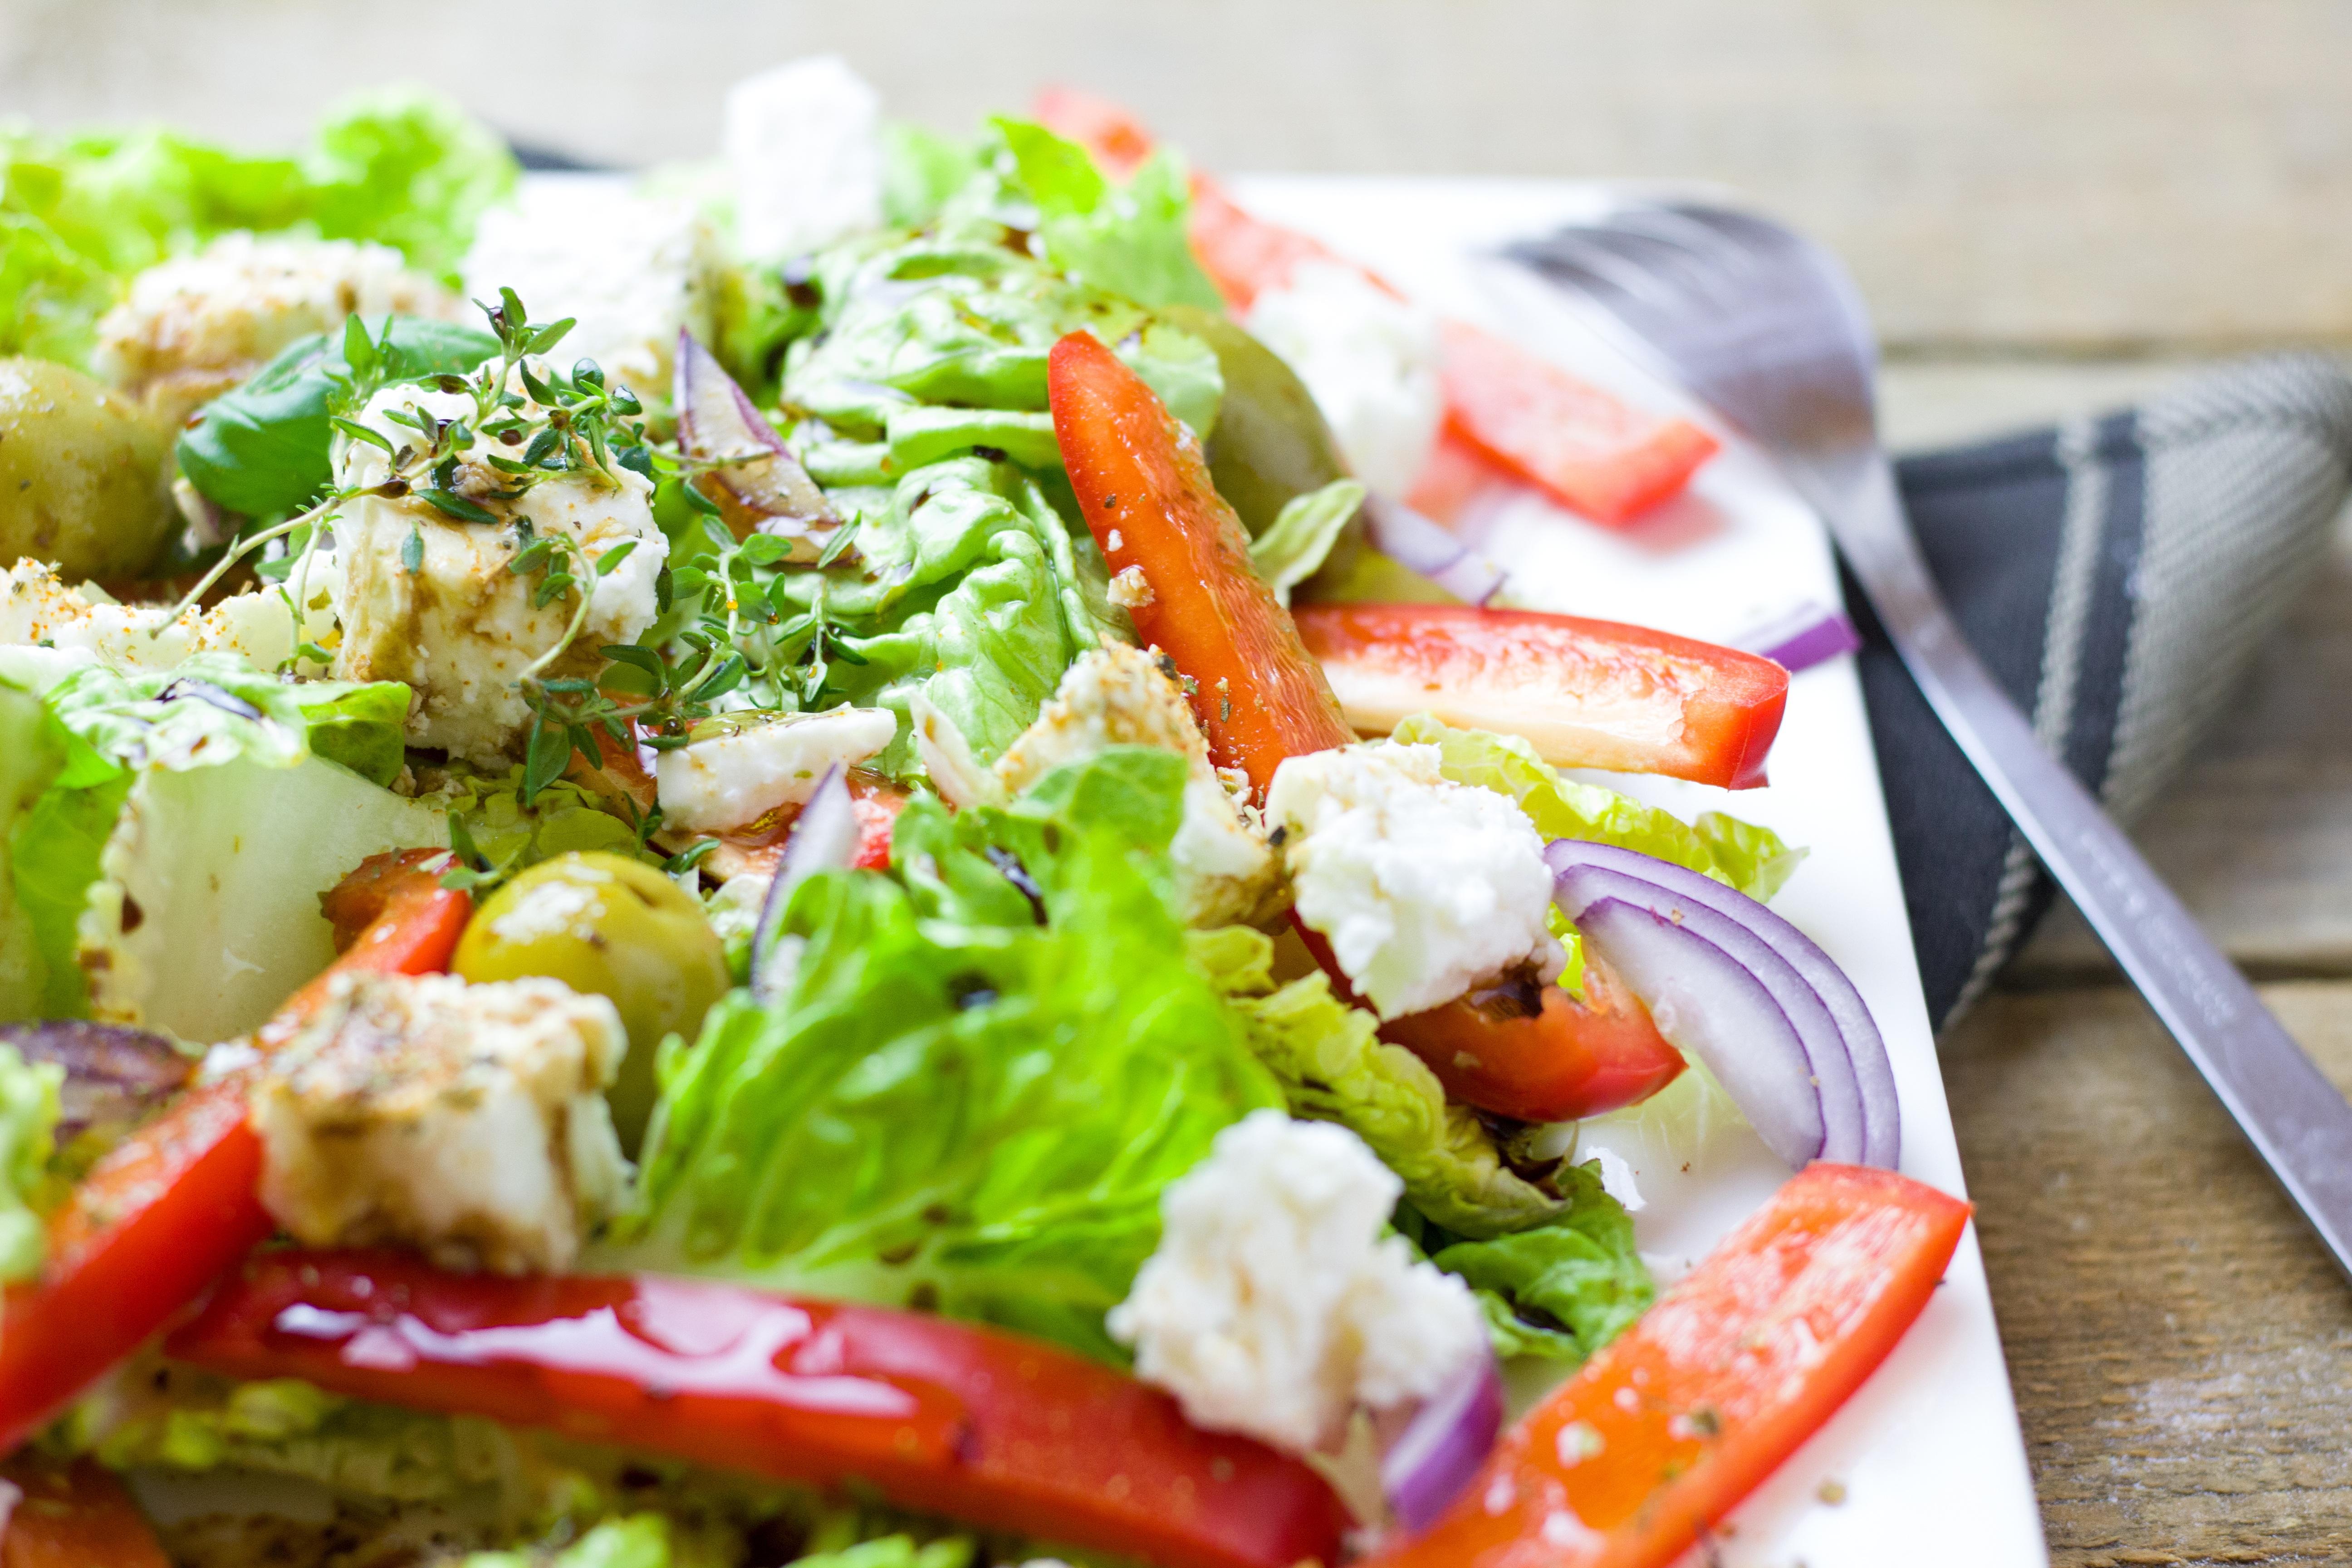 ingesta de carbohidratos de dieta cetosis por día